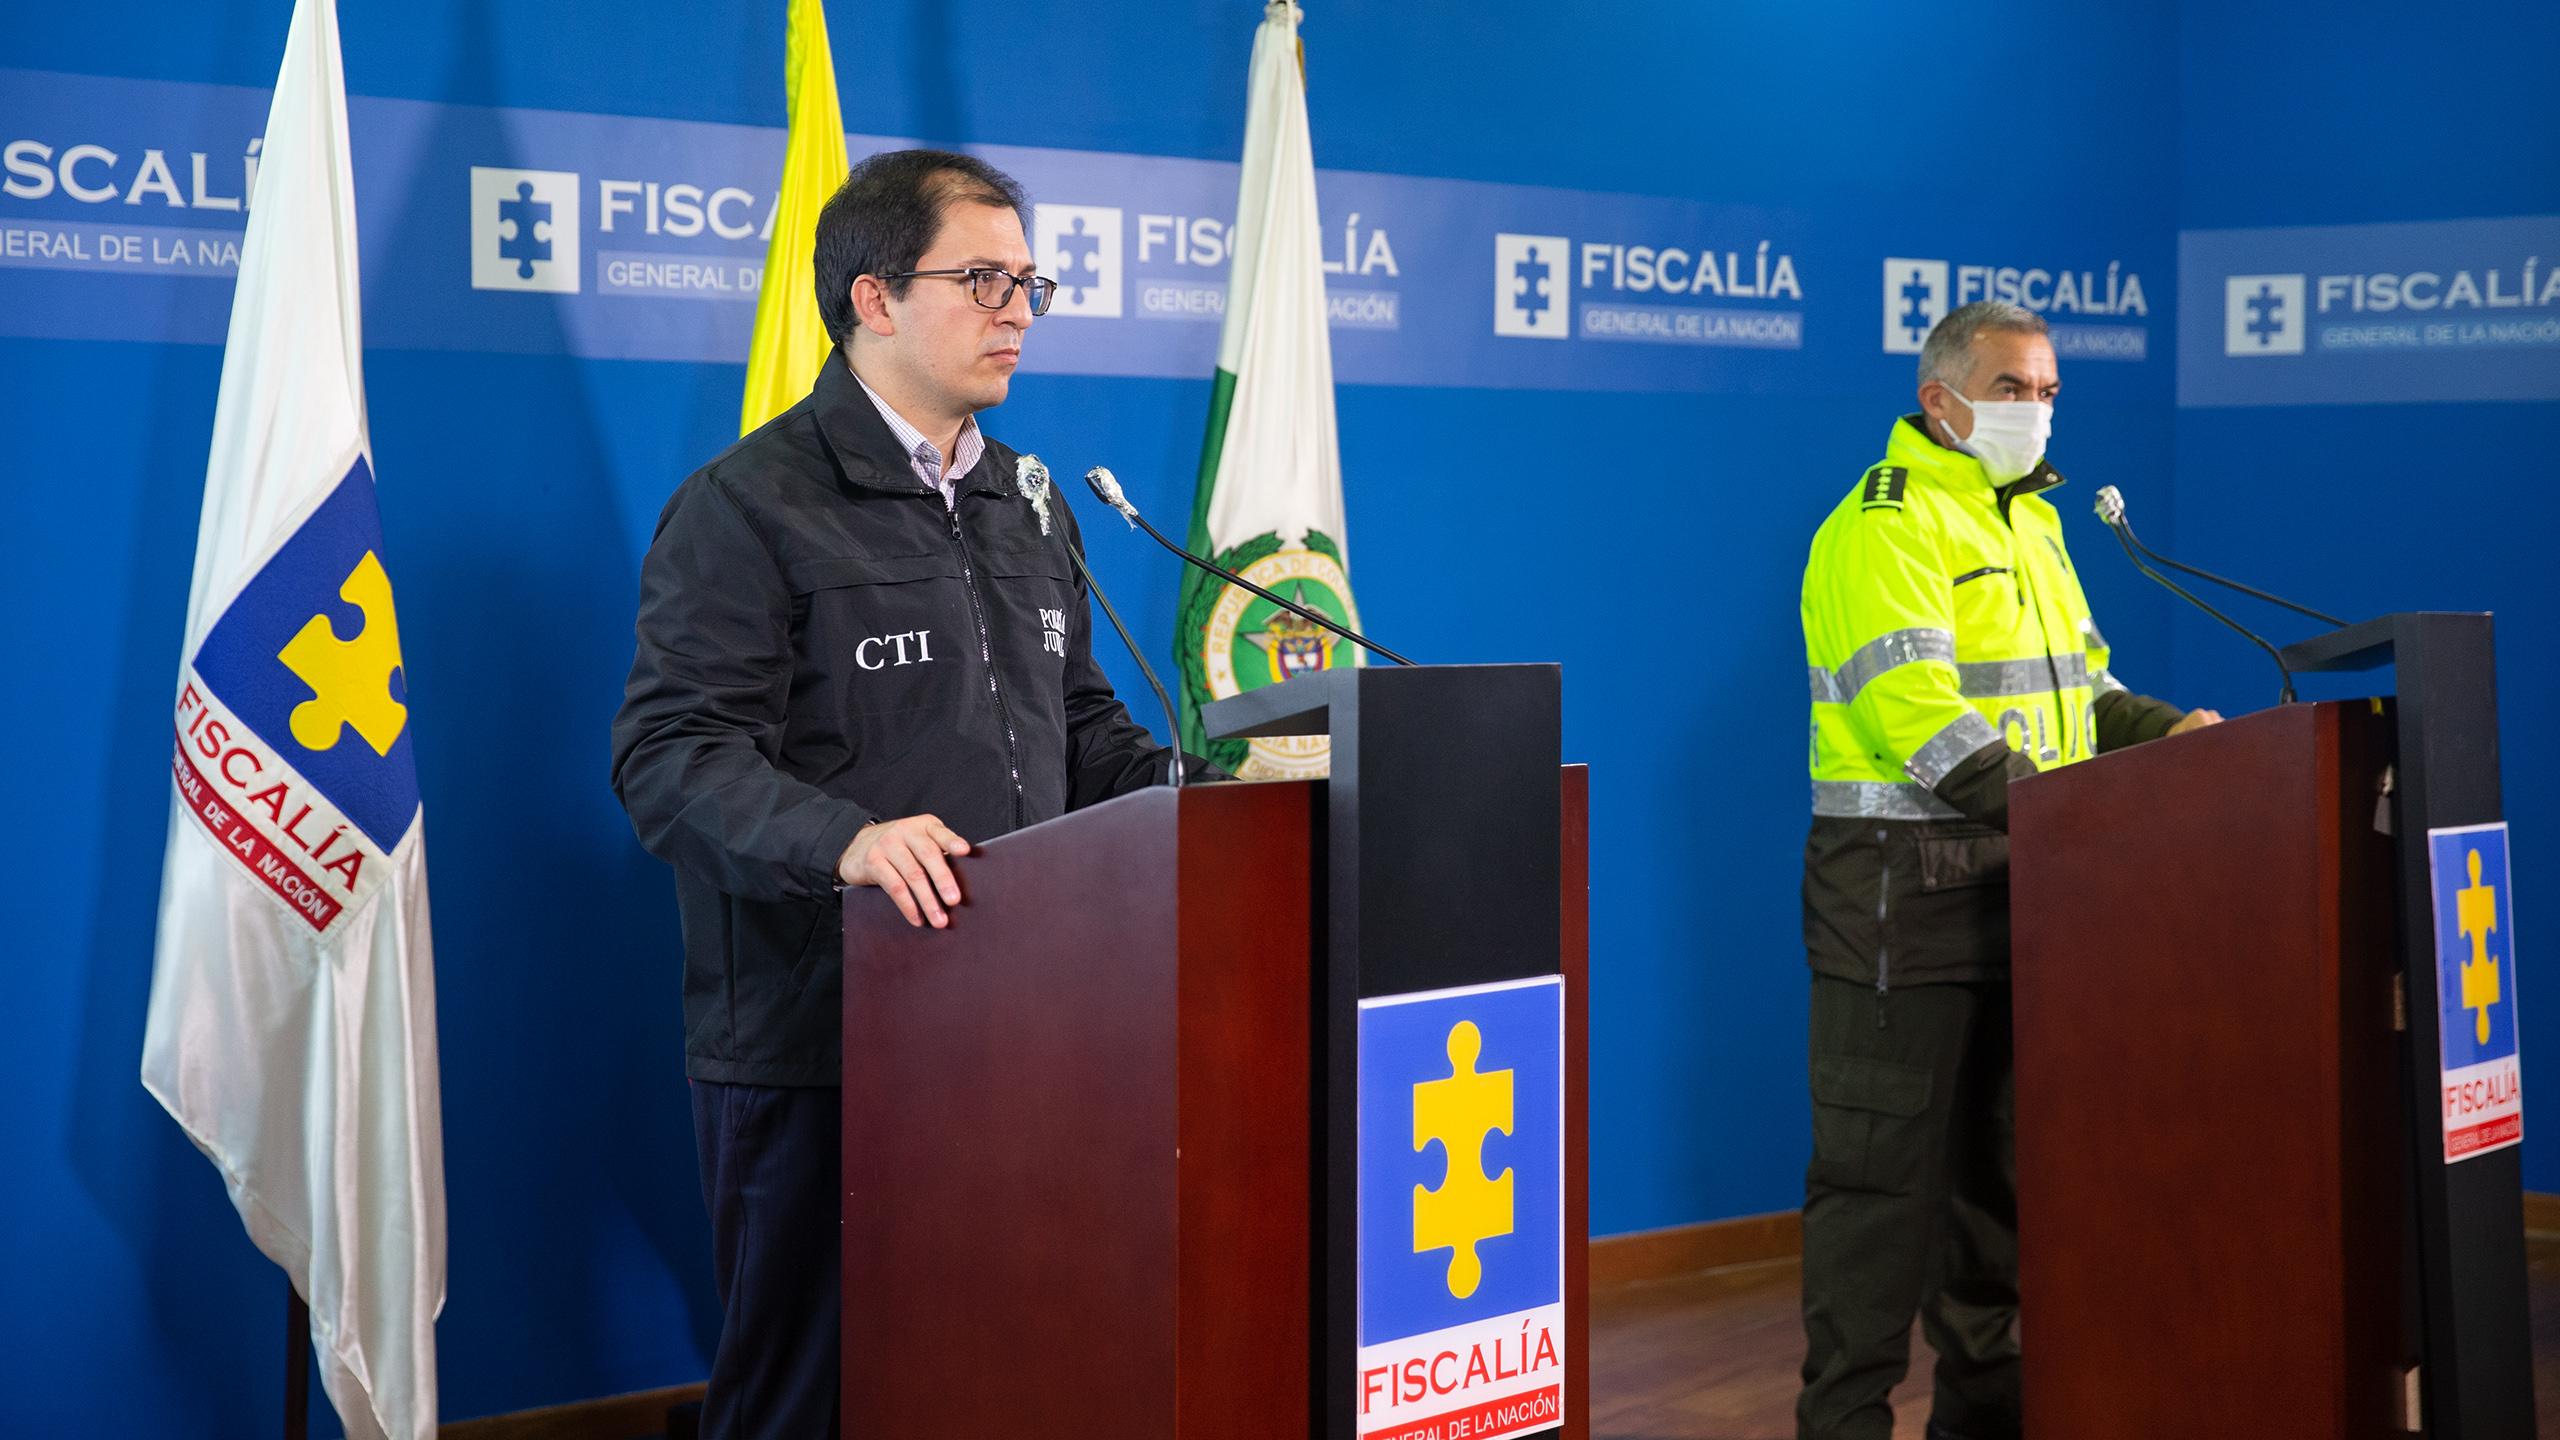 Fiscalía General de la Nación logra judicialización de 'Los Cronos', red delincuencial responsable de asalto a joyería en centro comercial de Bogotá